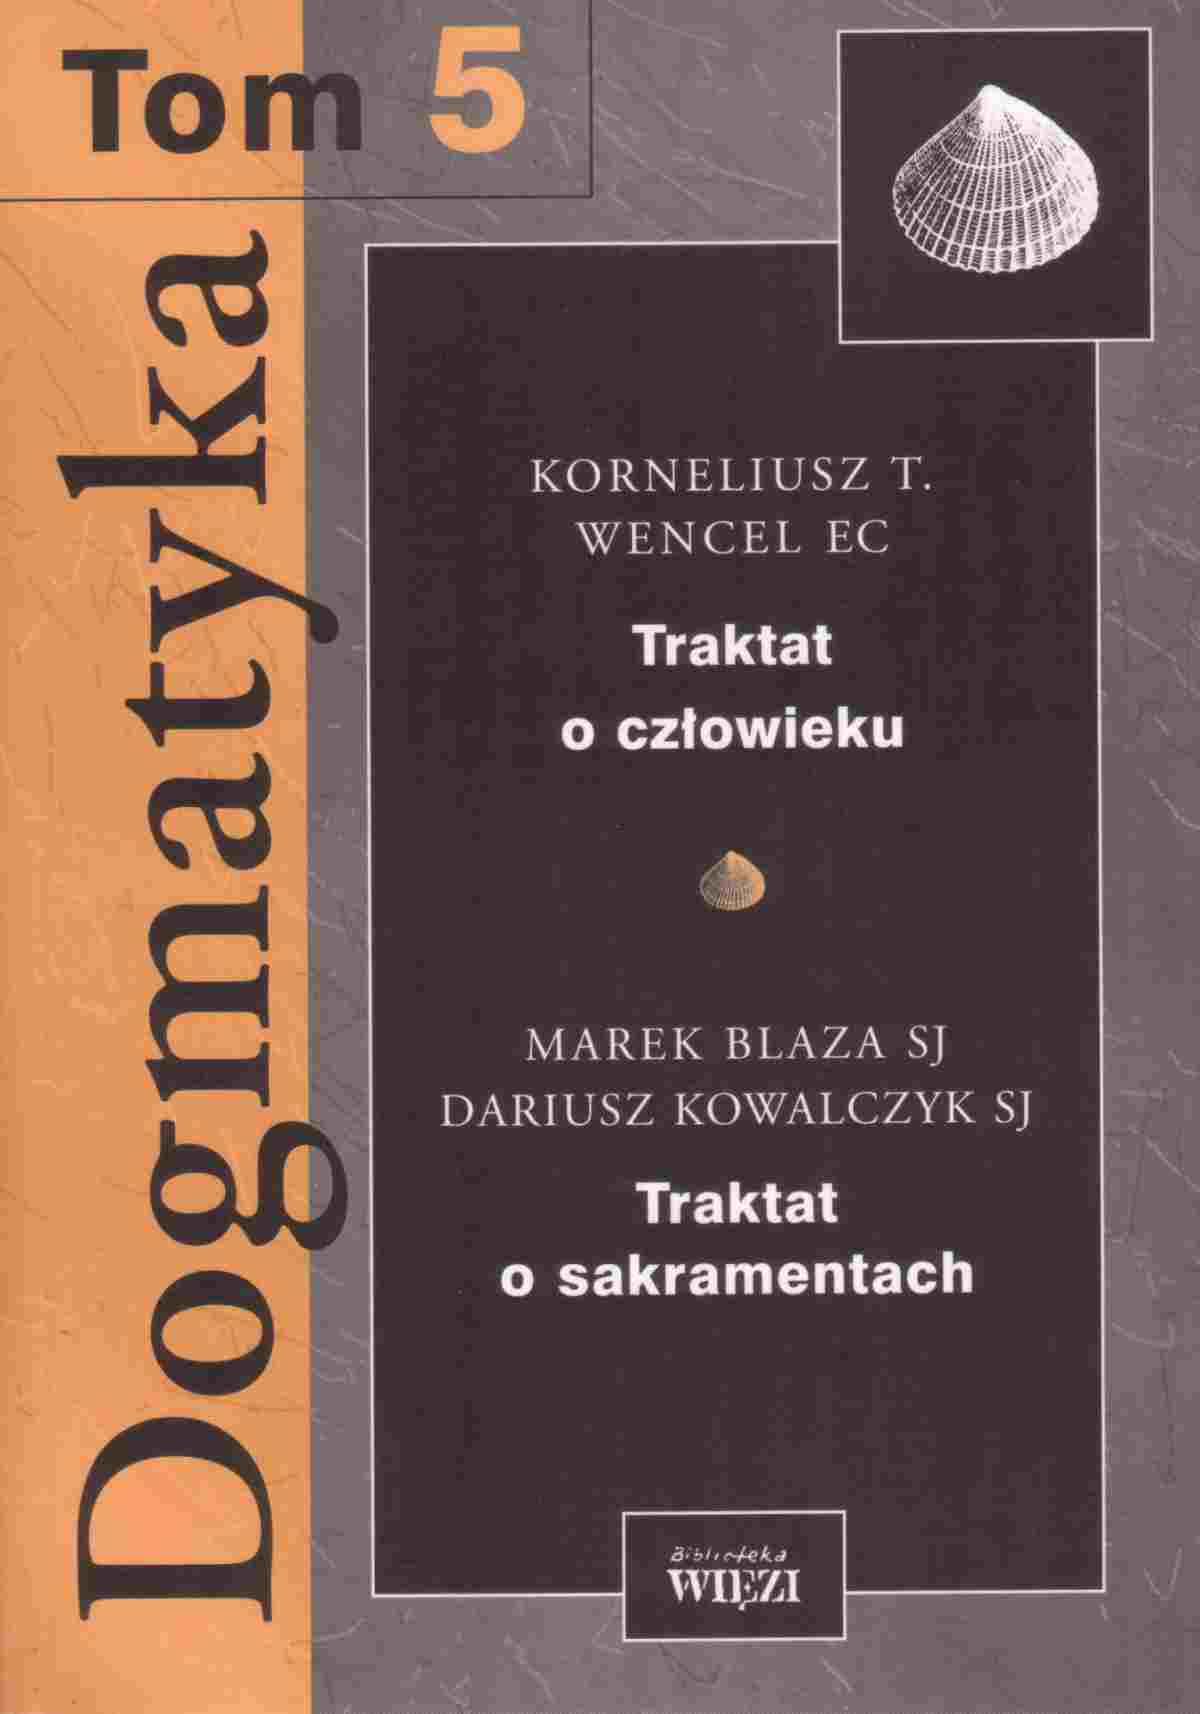 Dogmatyka. Tom 5 - Ebook (Książka na Kindle) do pobrania w formacie MOBI